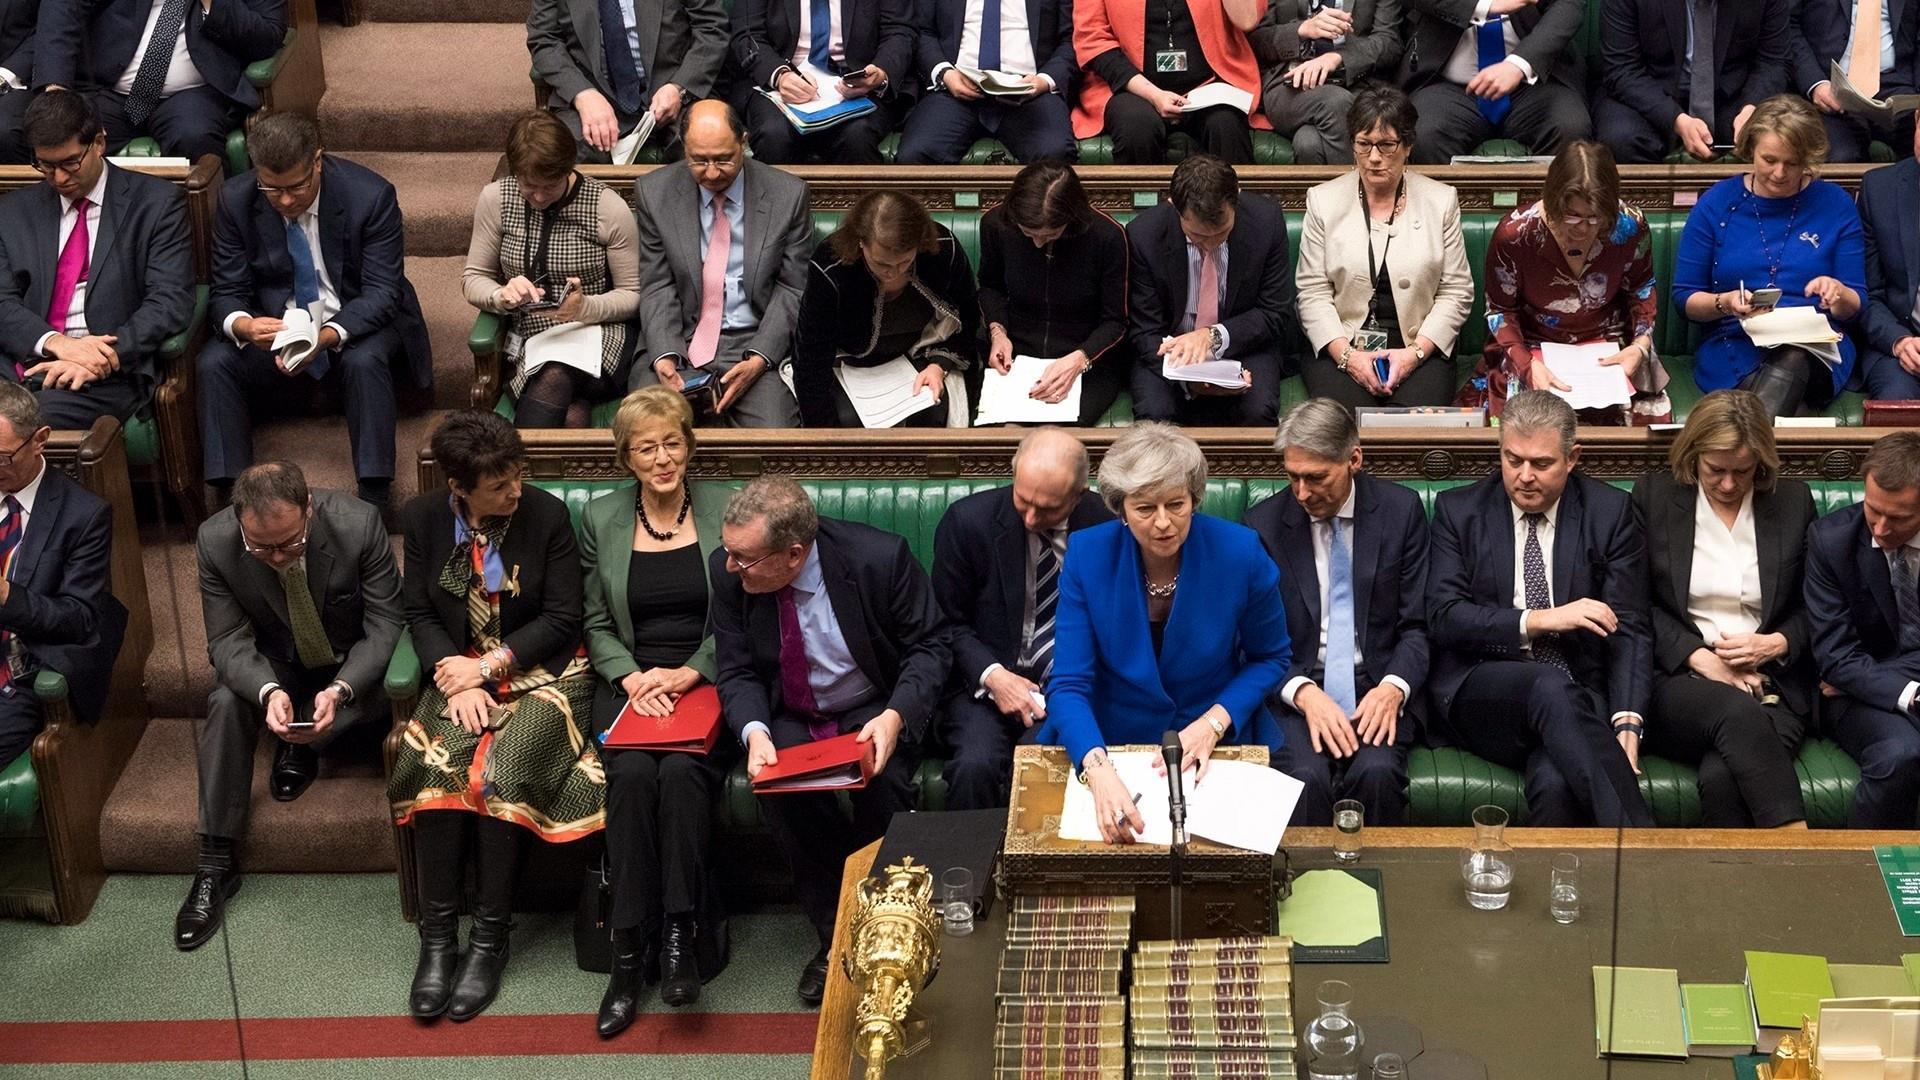 Potential Brexit scenarios following latest vote in U.K.